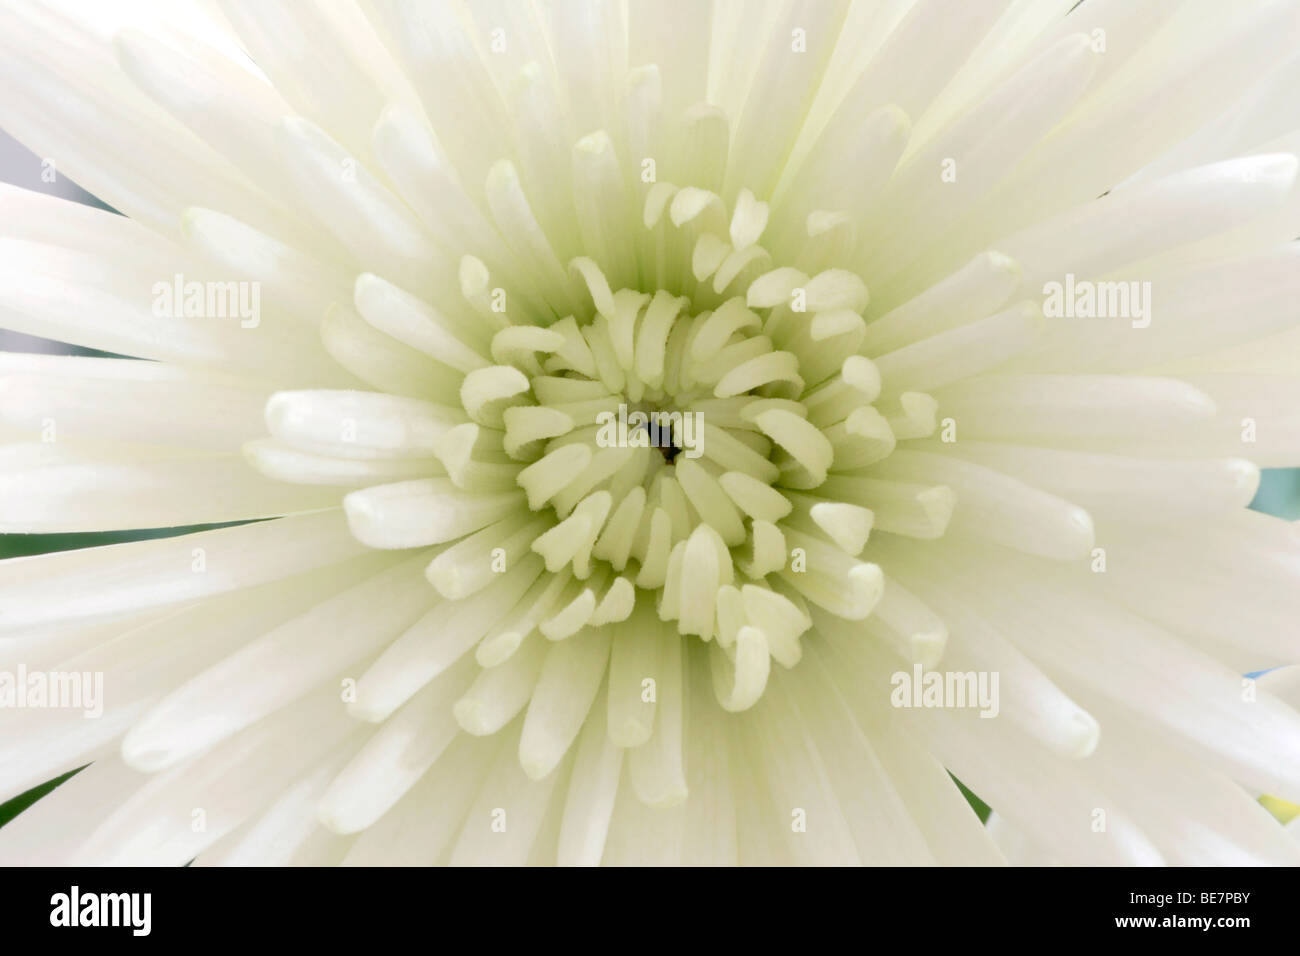 Crisantemo Bianco fiore close up Immagini Stock